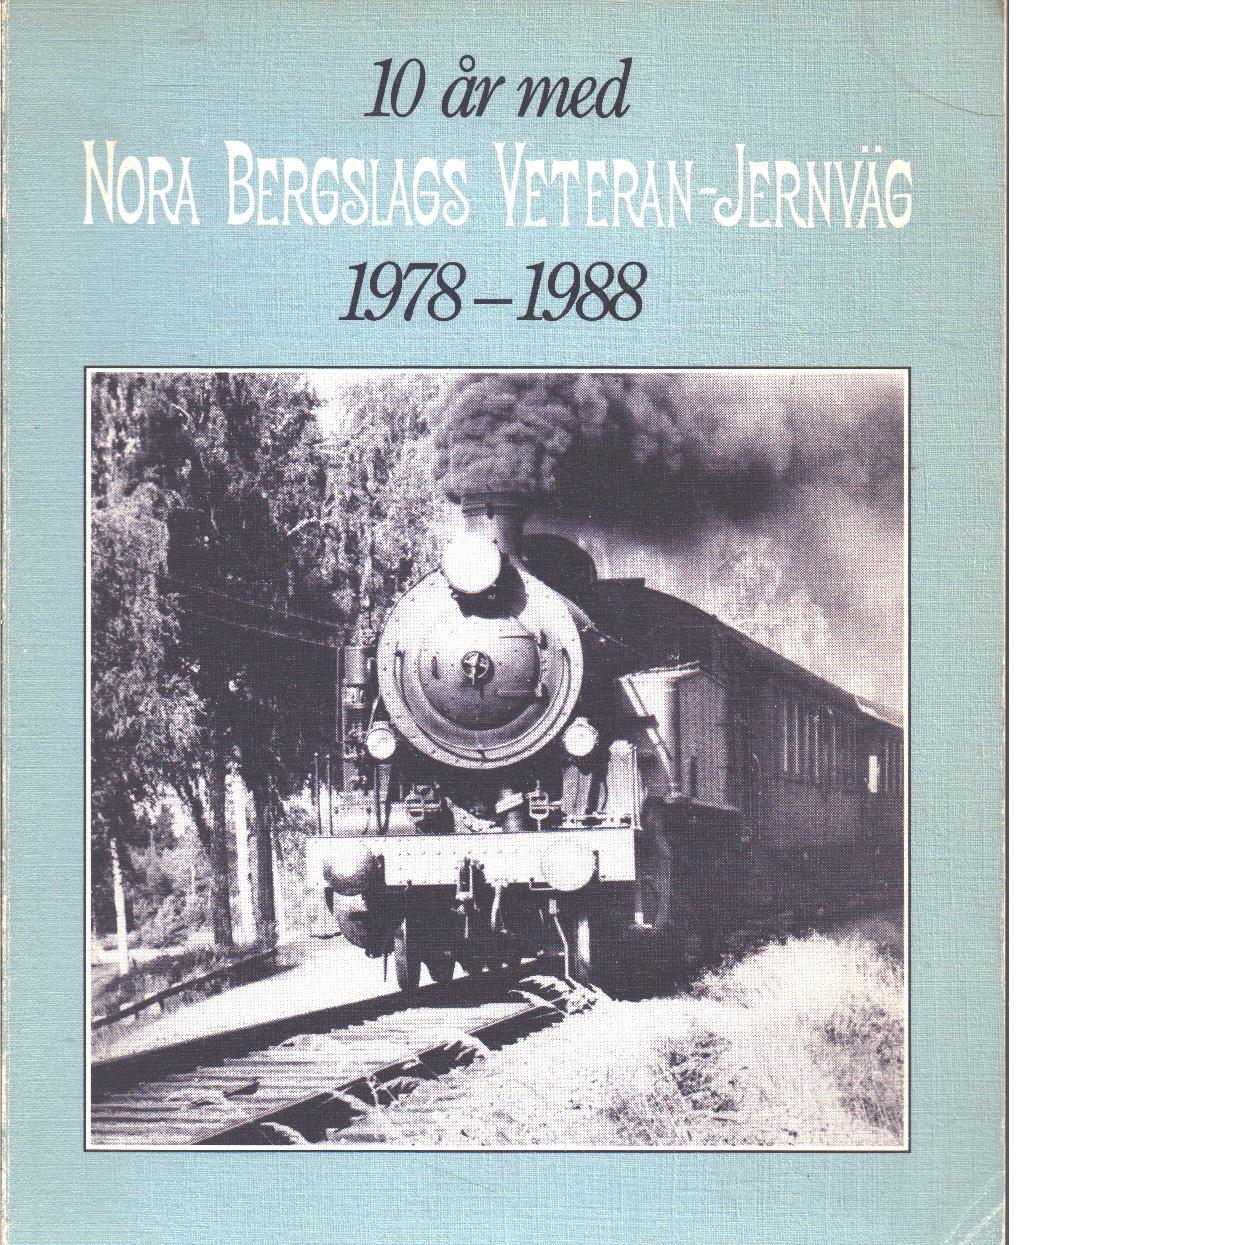 10 år med Nora bergslags veteran-jernväg : 1978-1988 - Red.